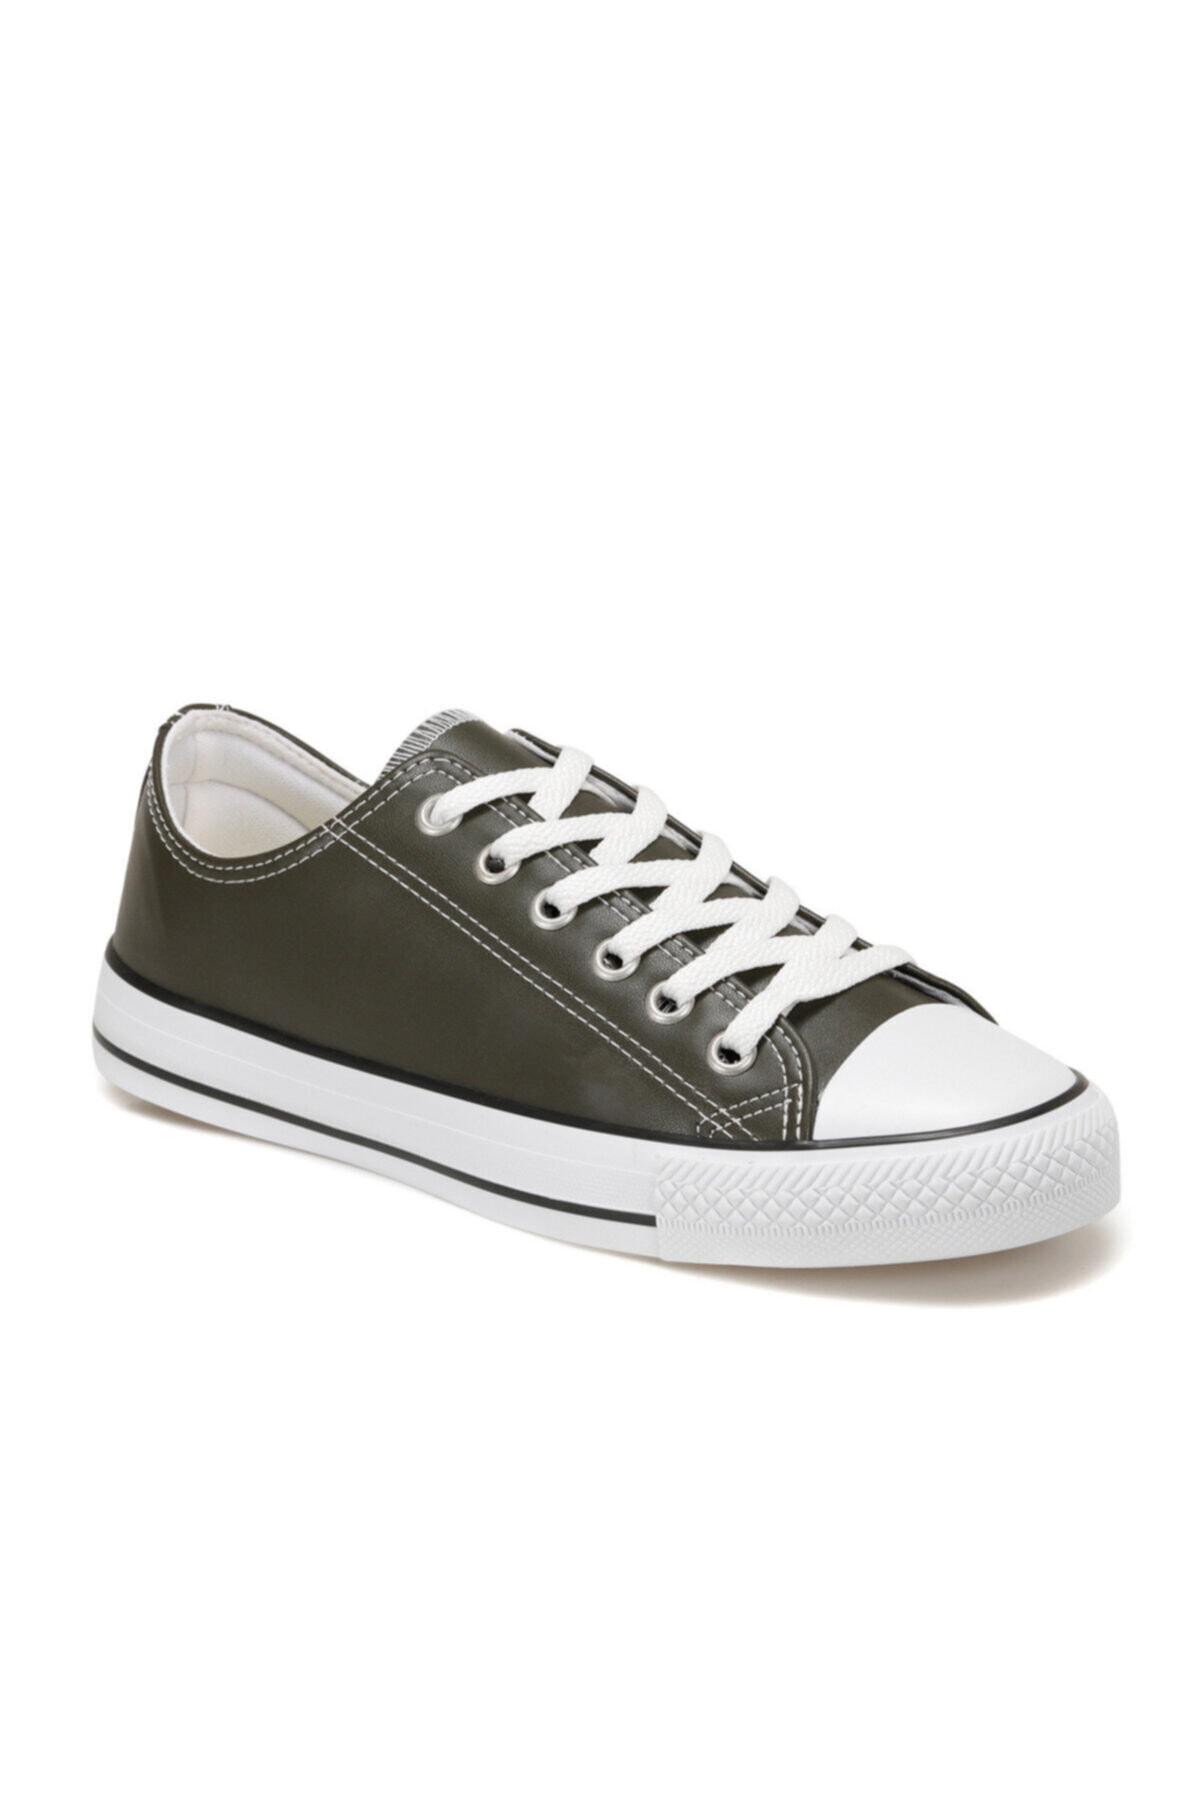 FORESTER EC-2001 Haki Erkek Kalın Tabanlı Sneaker 100669572 1